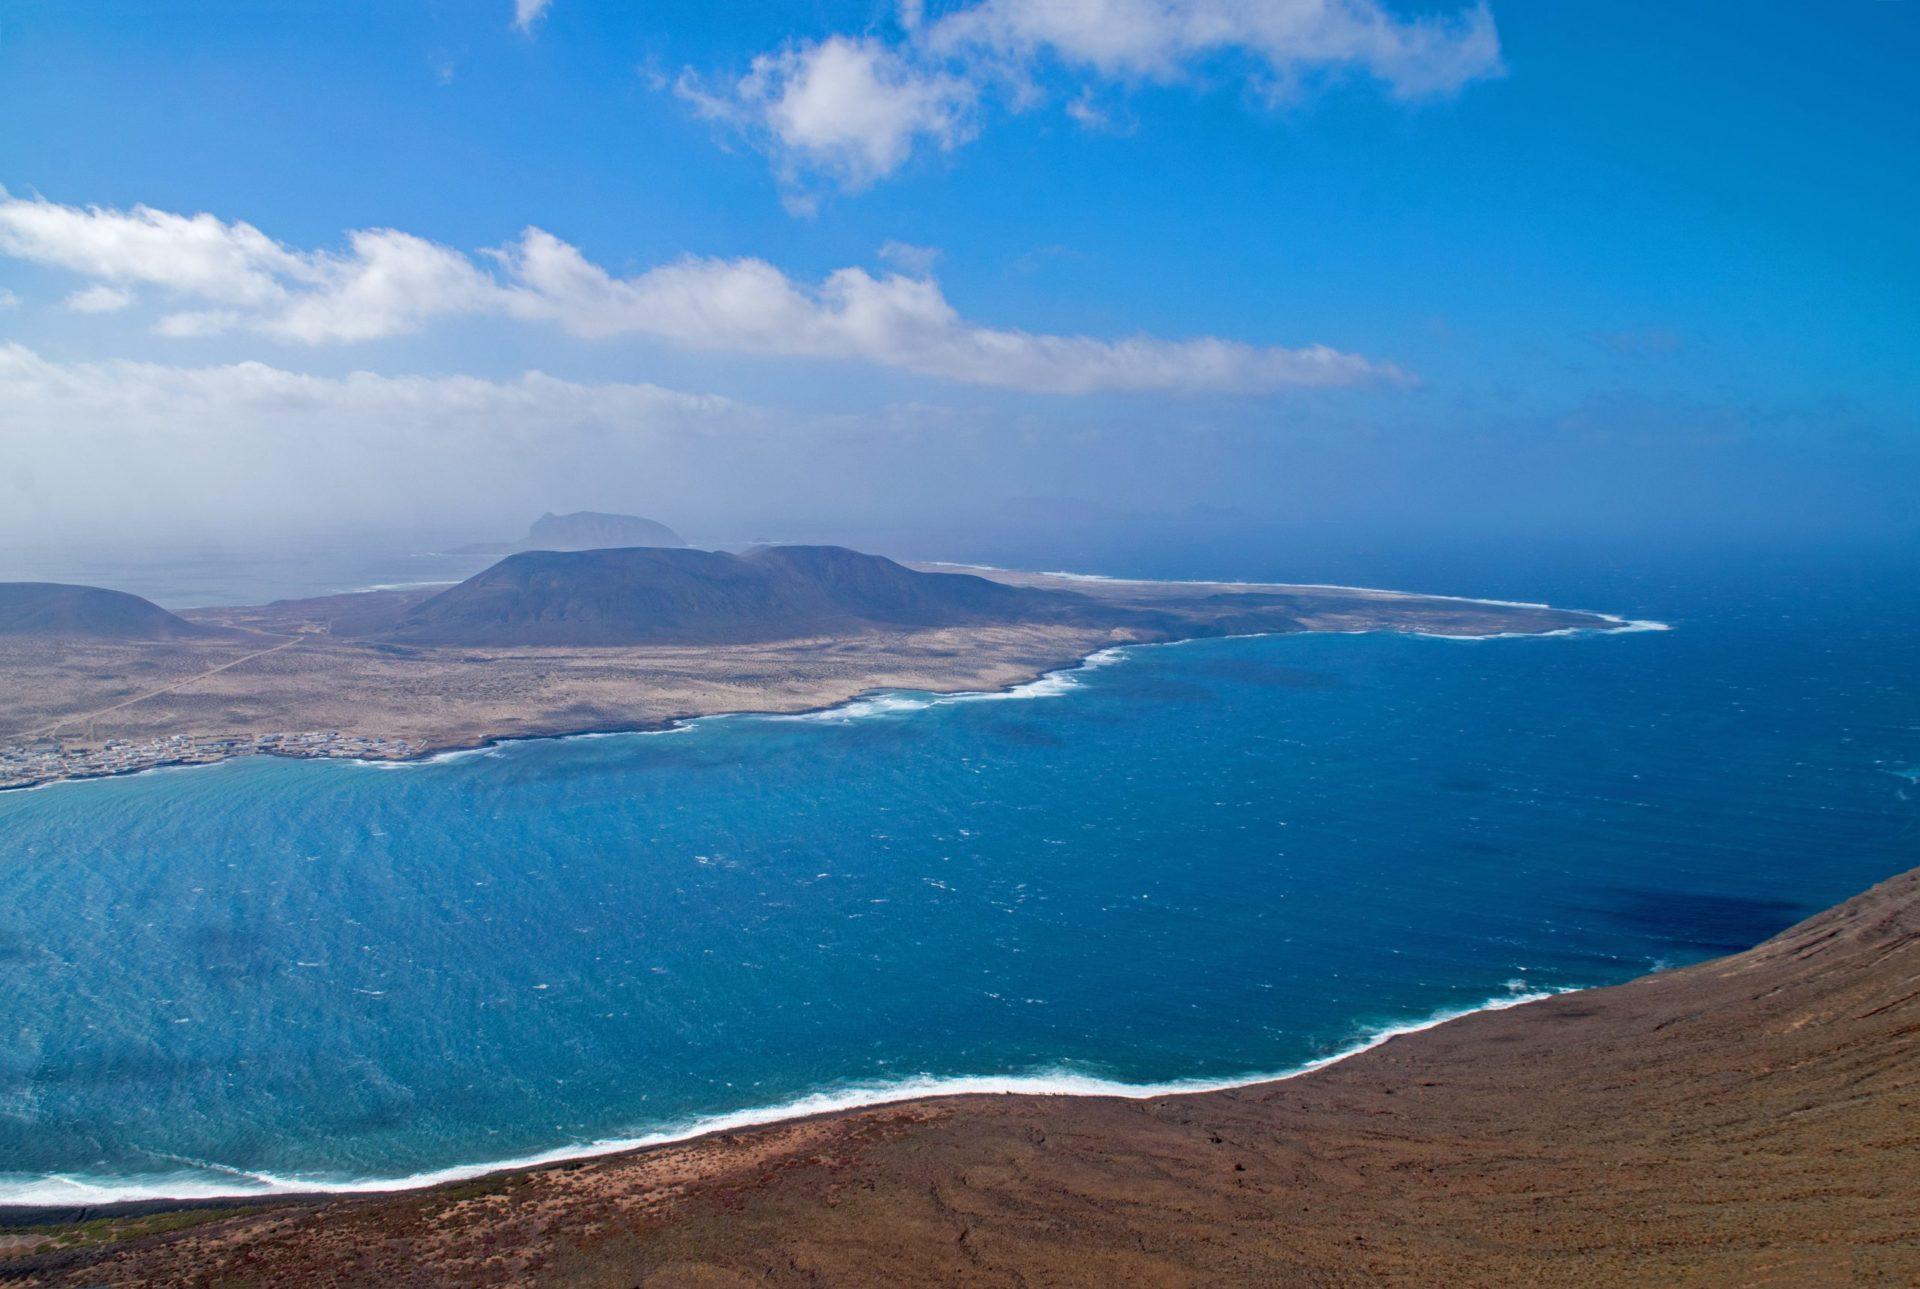 Wassertemperatur Lanzarote: Aussicht von der Plattform Mirador del Río auf die vegetationslose Atlantikküste von Lanzarote